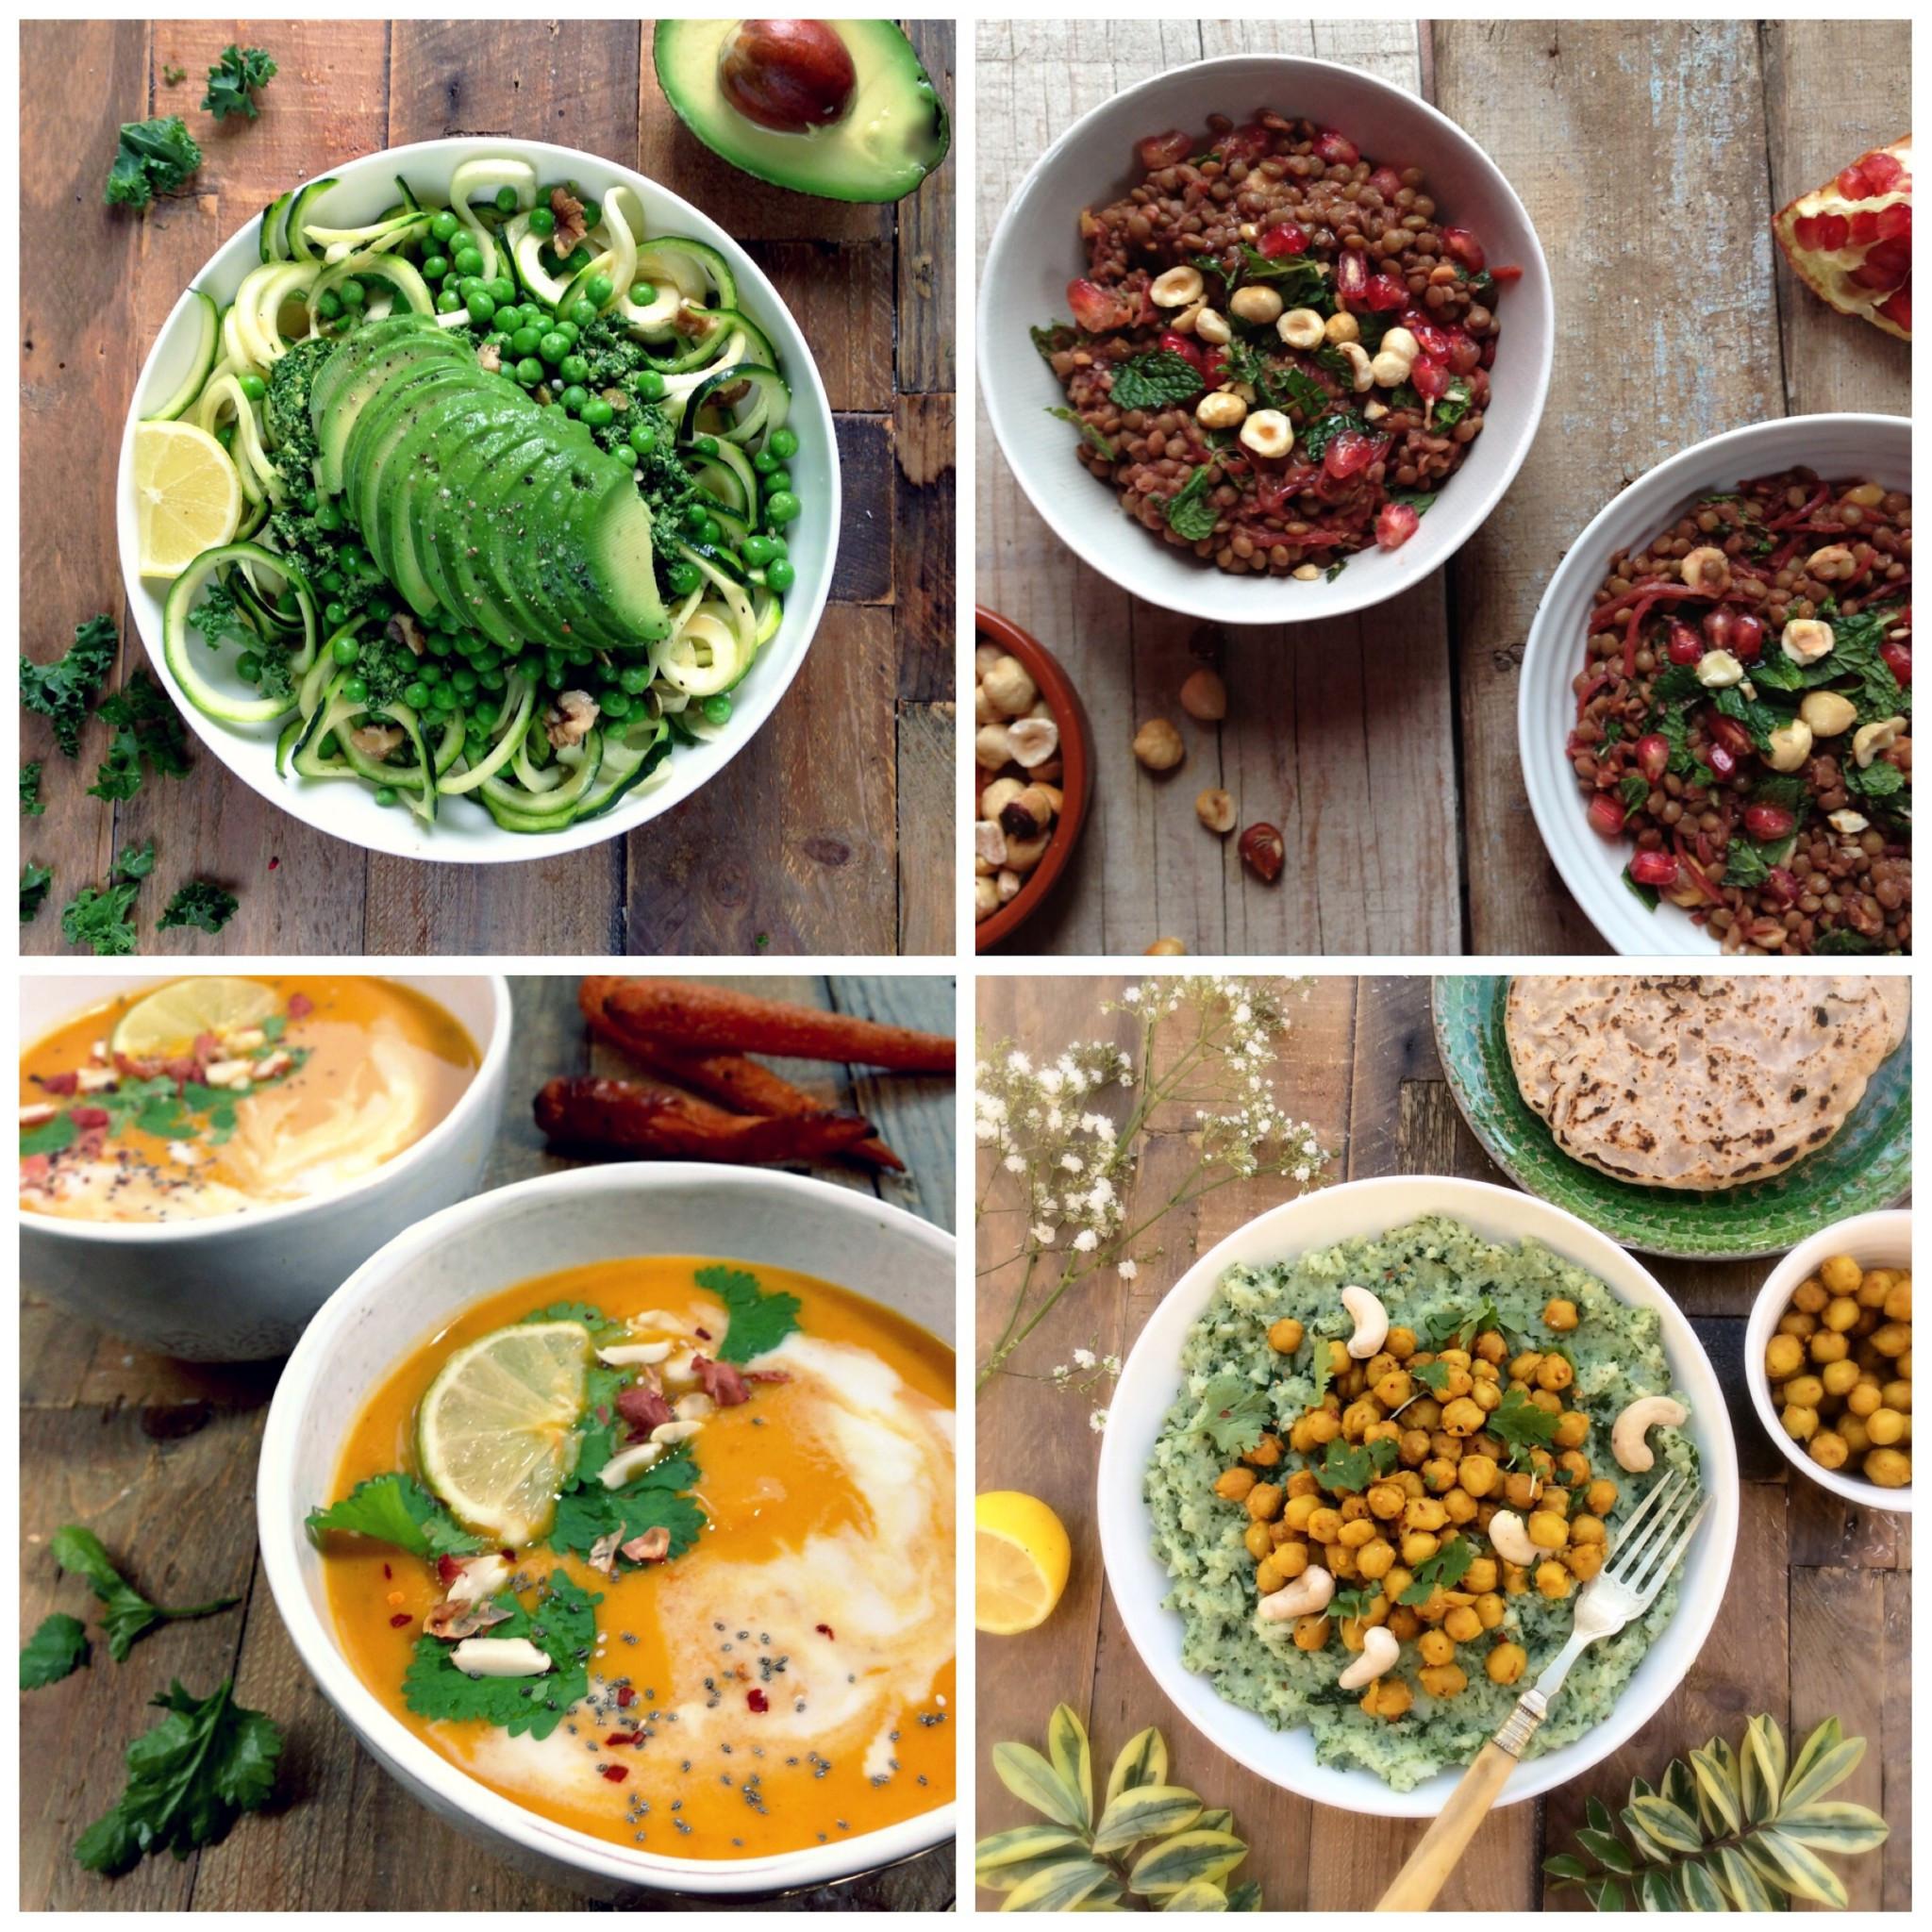 Healthy Vegan Dinner  Top Ten Healthy and Light Vegan Dinners